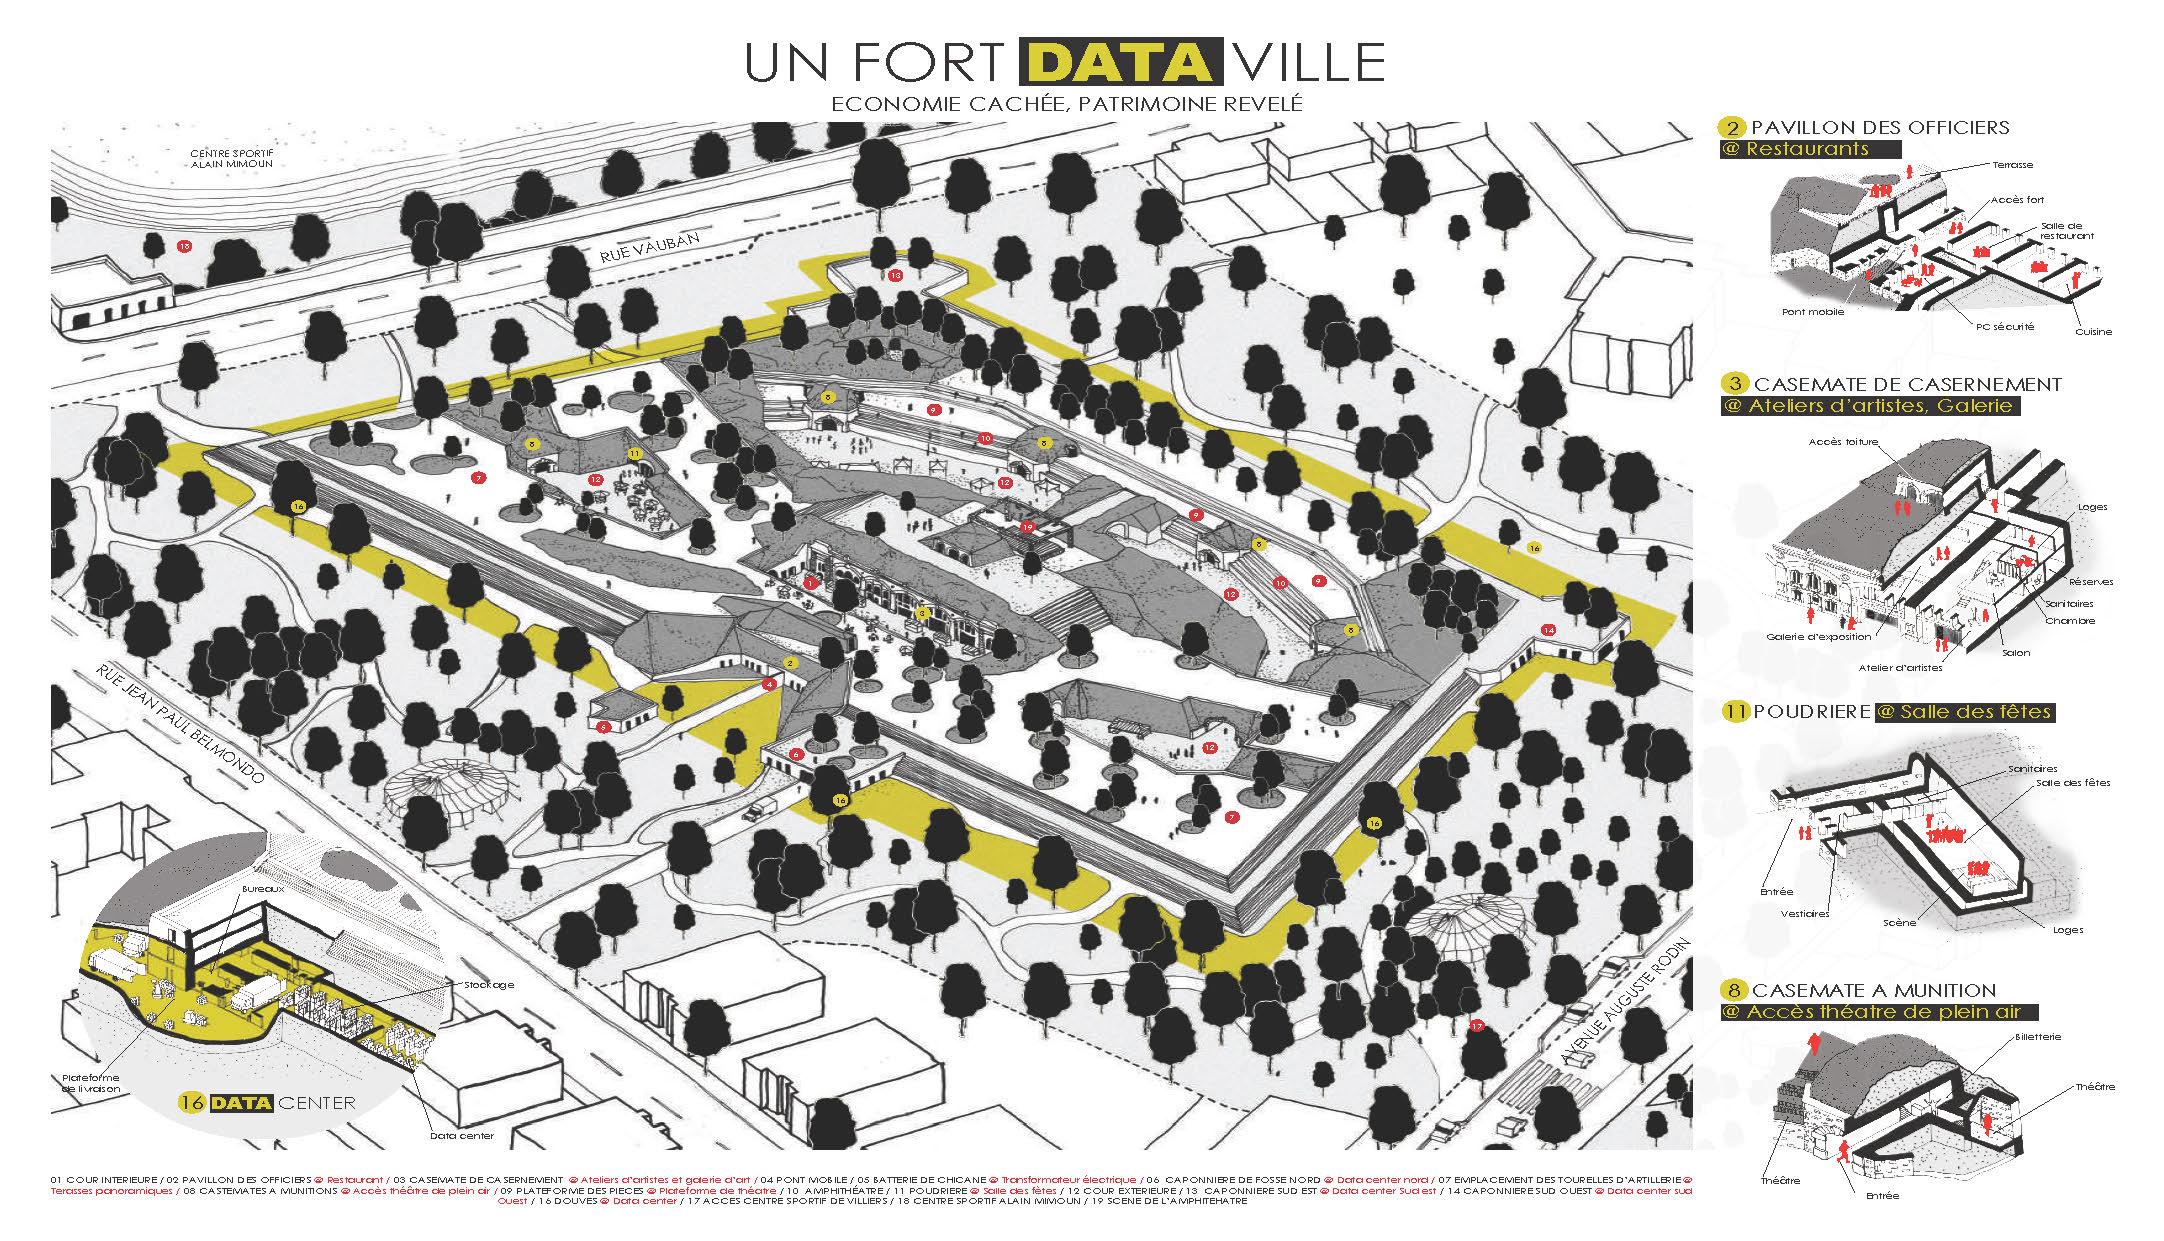 UN-FORT-DATA-VILLE_2.jpg